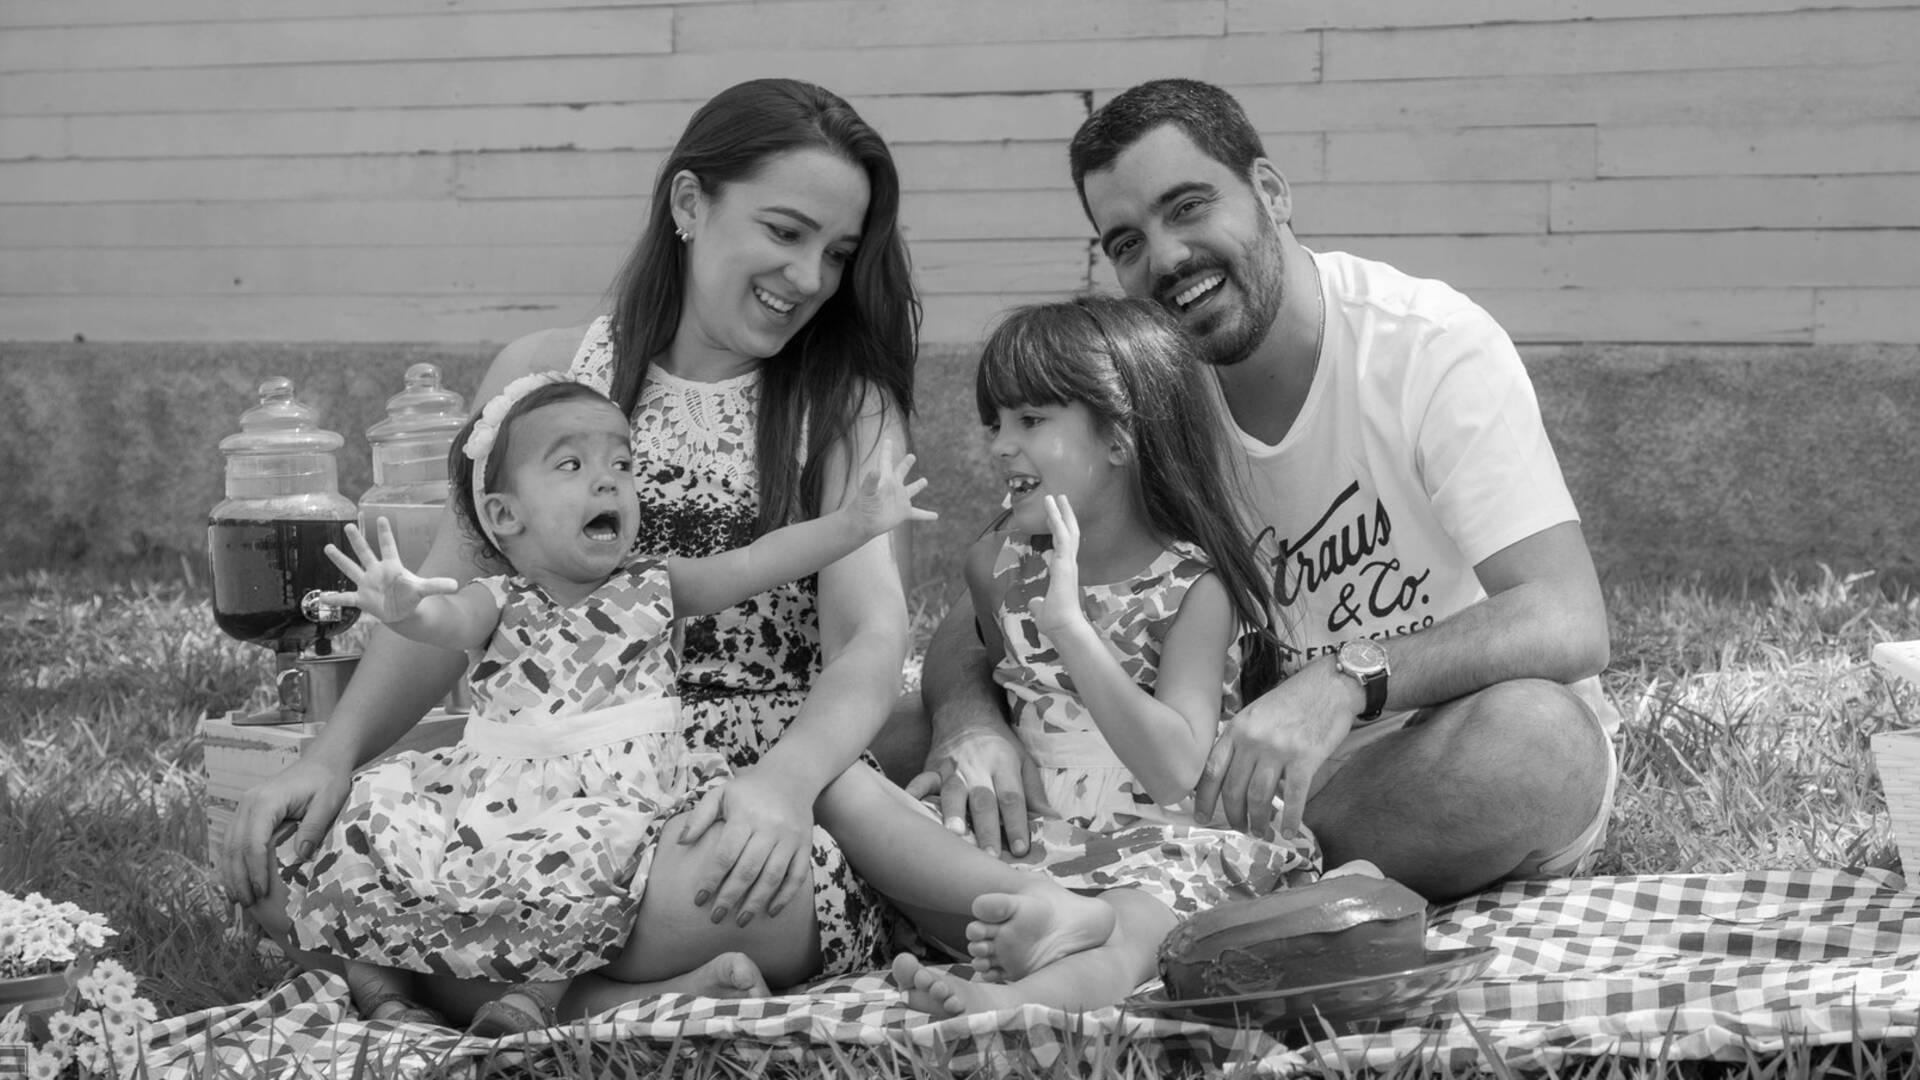 Fotografia Documental de Família de Piquenique em Família